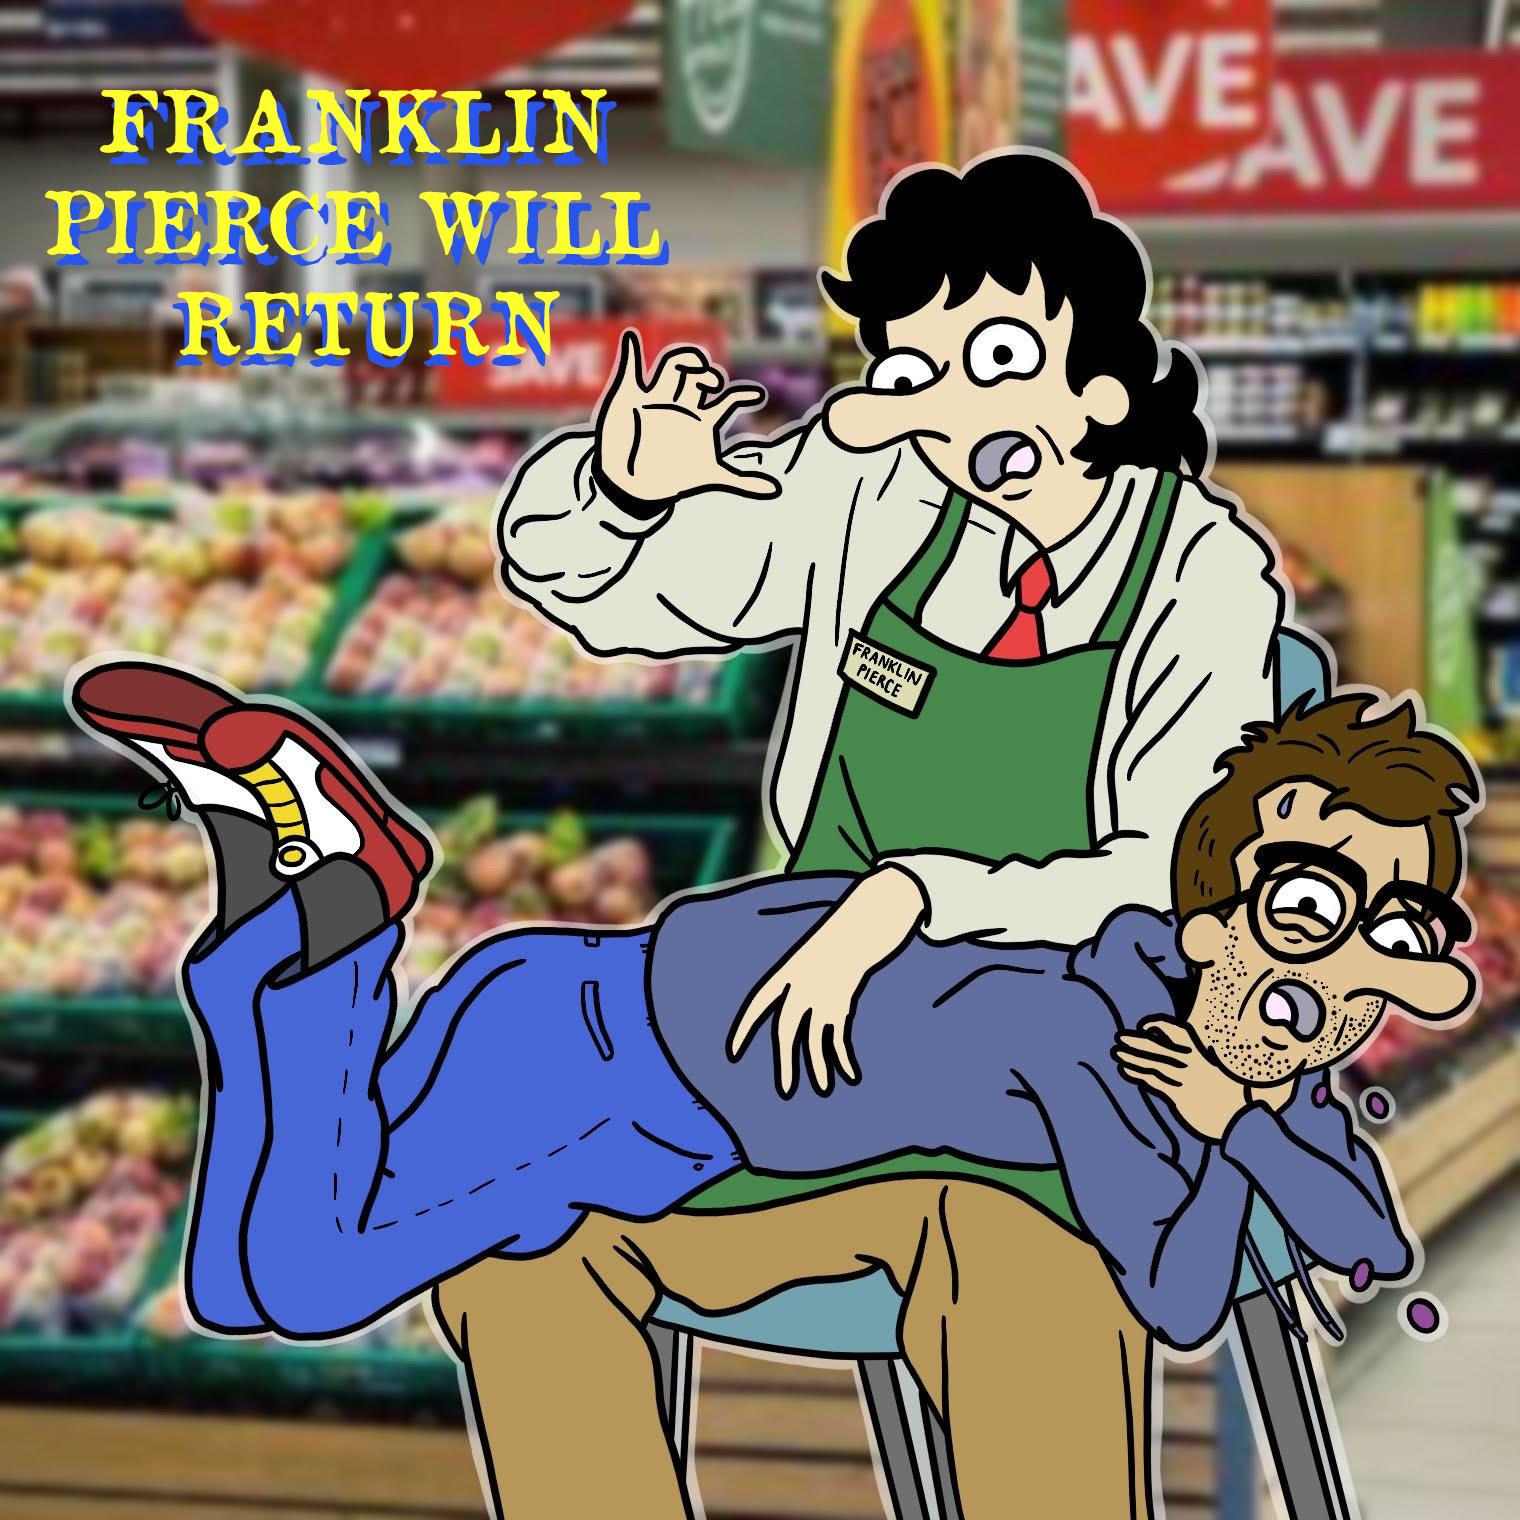 Franklin Pierce Will Return!